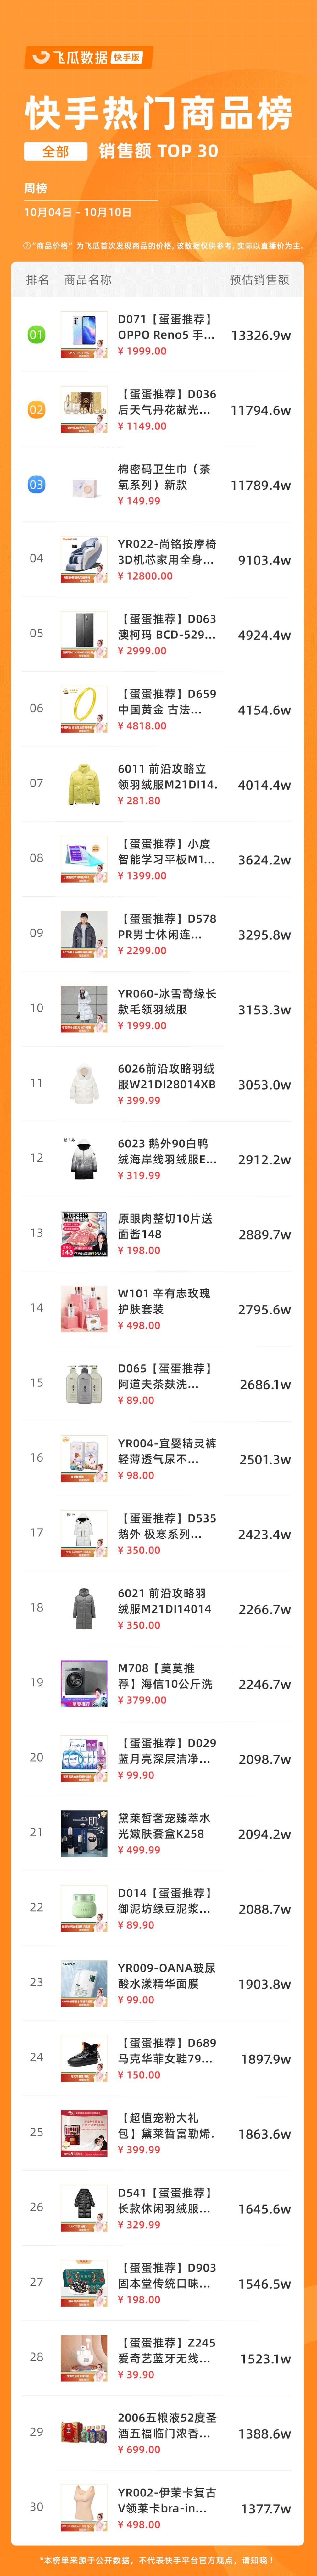 快手热门商品周榜 TOP30